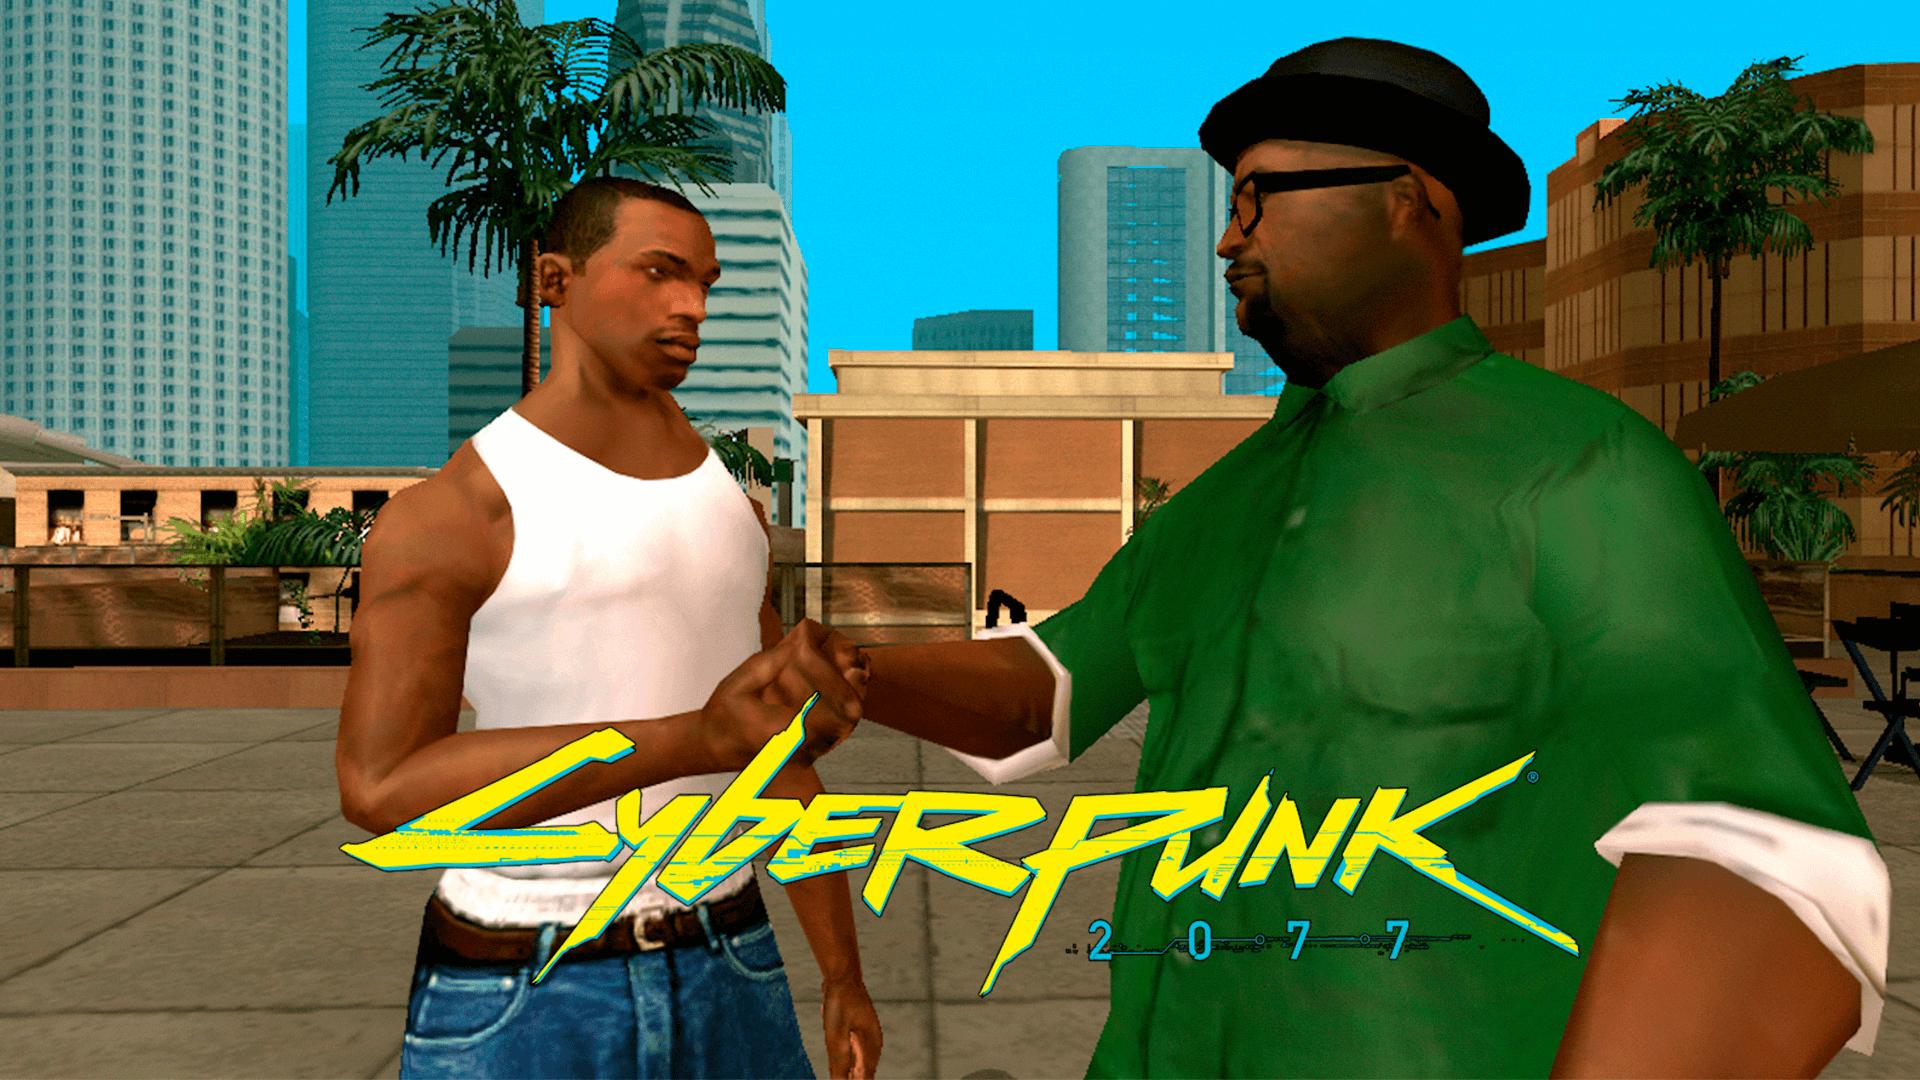 Agora que Cyberpunk 2077 chegou ao mercado, os jogadores estão descobrindo muitas coisas interessantes sobre o jogo e até easter eggs de GTA San Andreas.